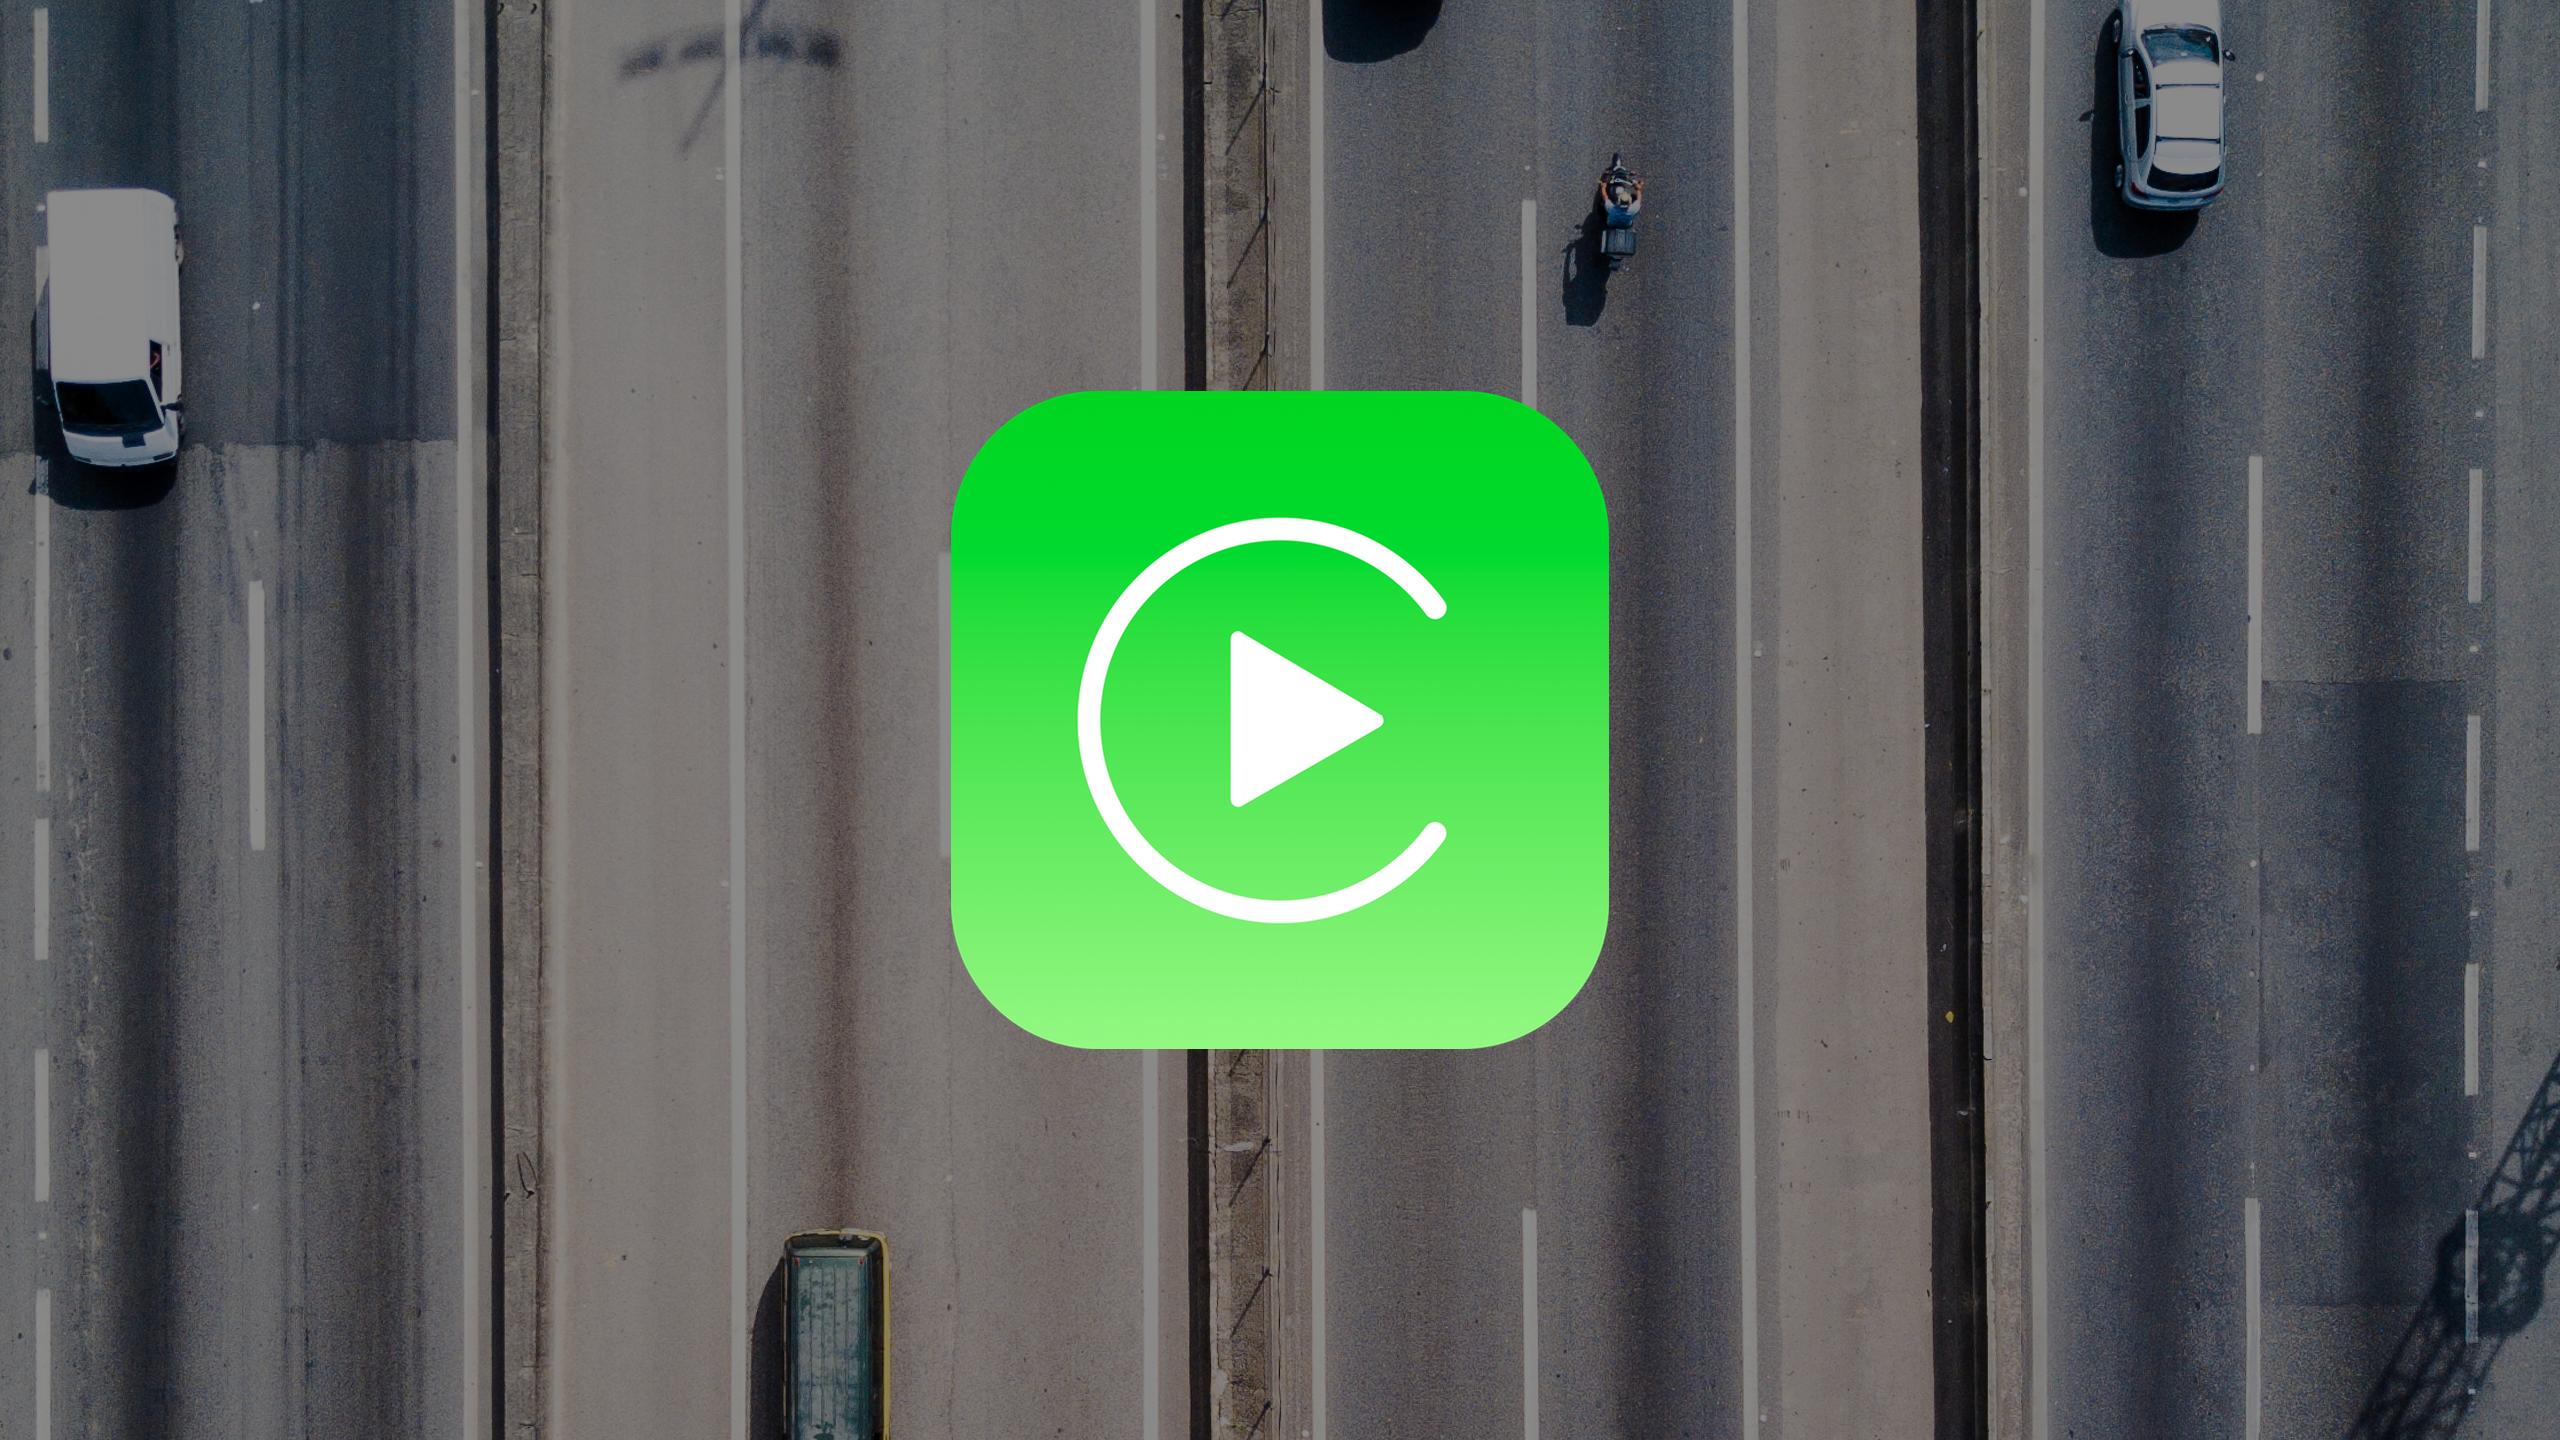 Navigatie-app TomTom GO ondersteunt nu ook Apple CarPlay